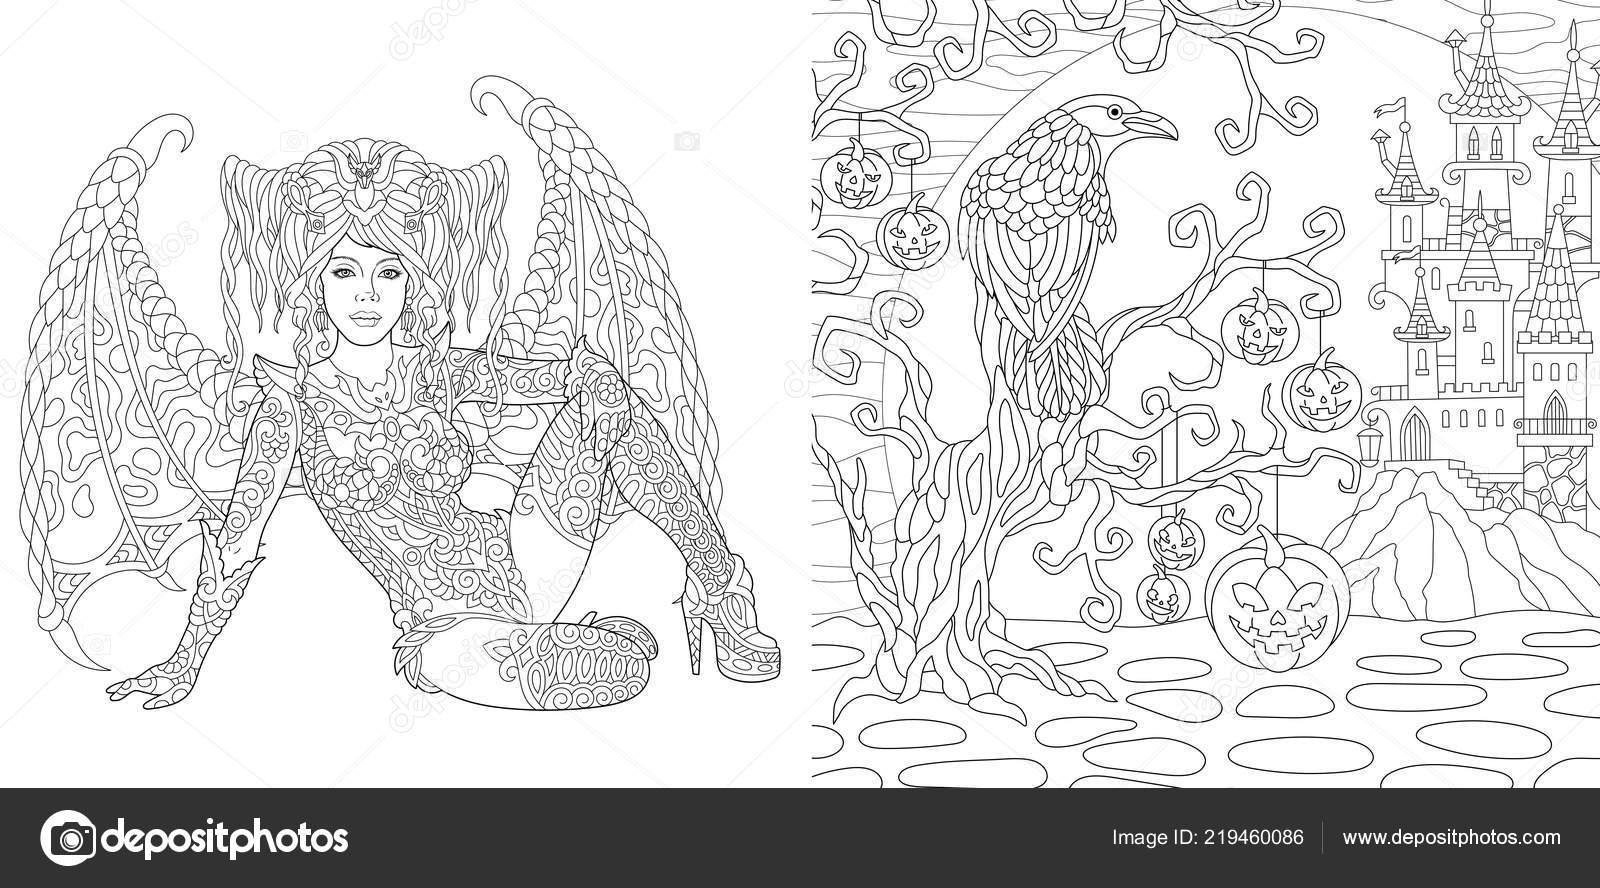 Dibujos Para Colorear Libro Para Colorear Para Adultos